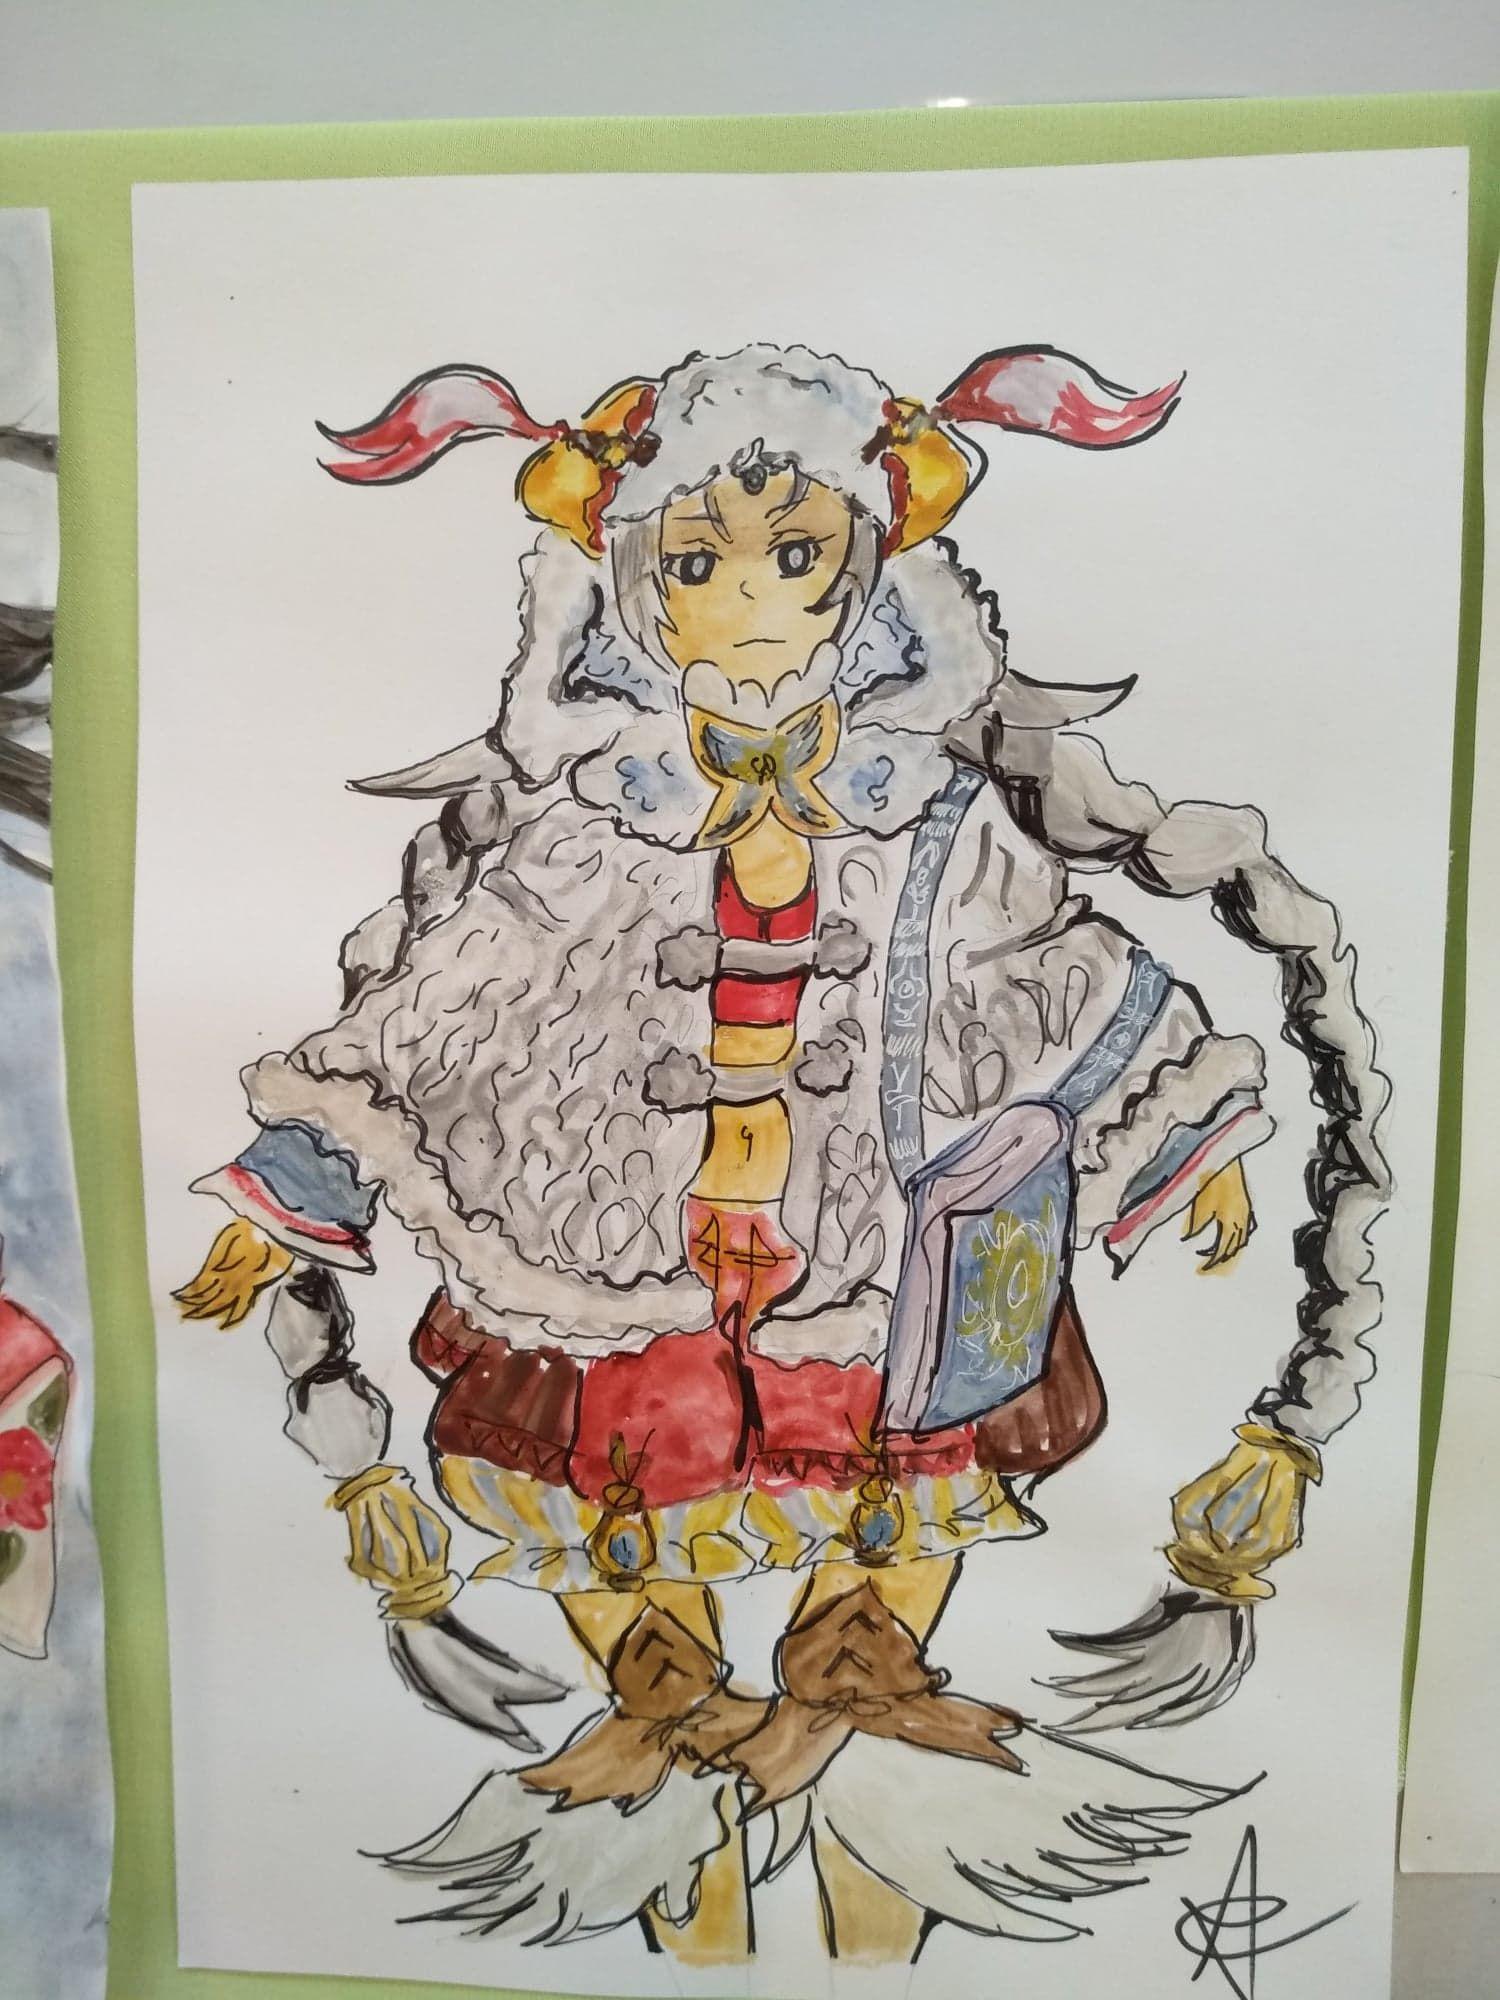 Pin by Matozaur on My drawings (desenele mele) My